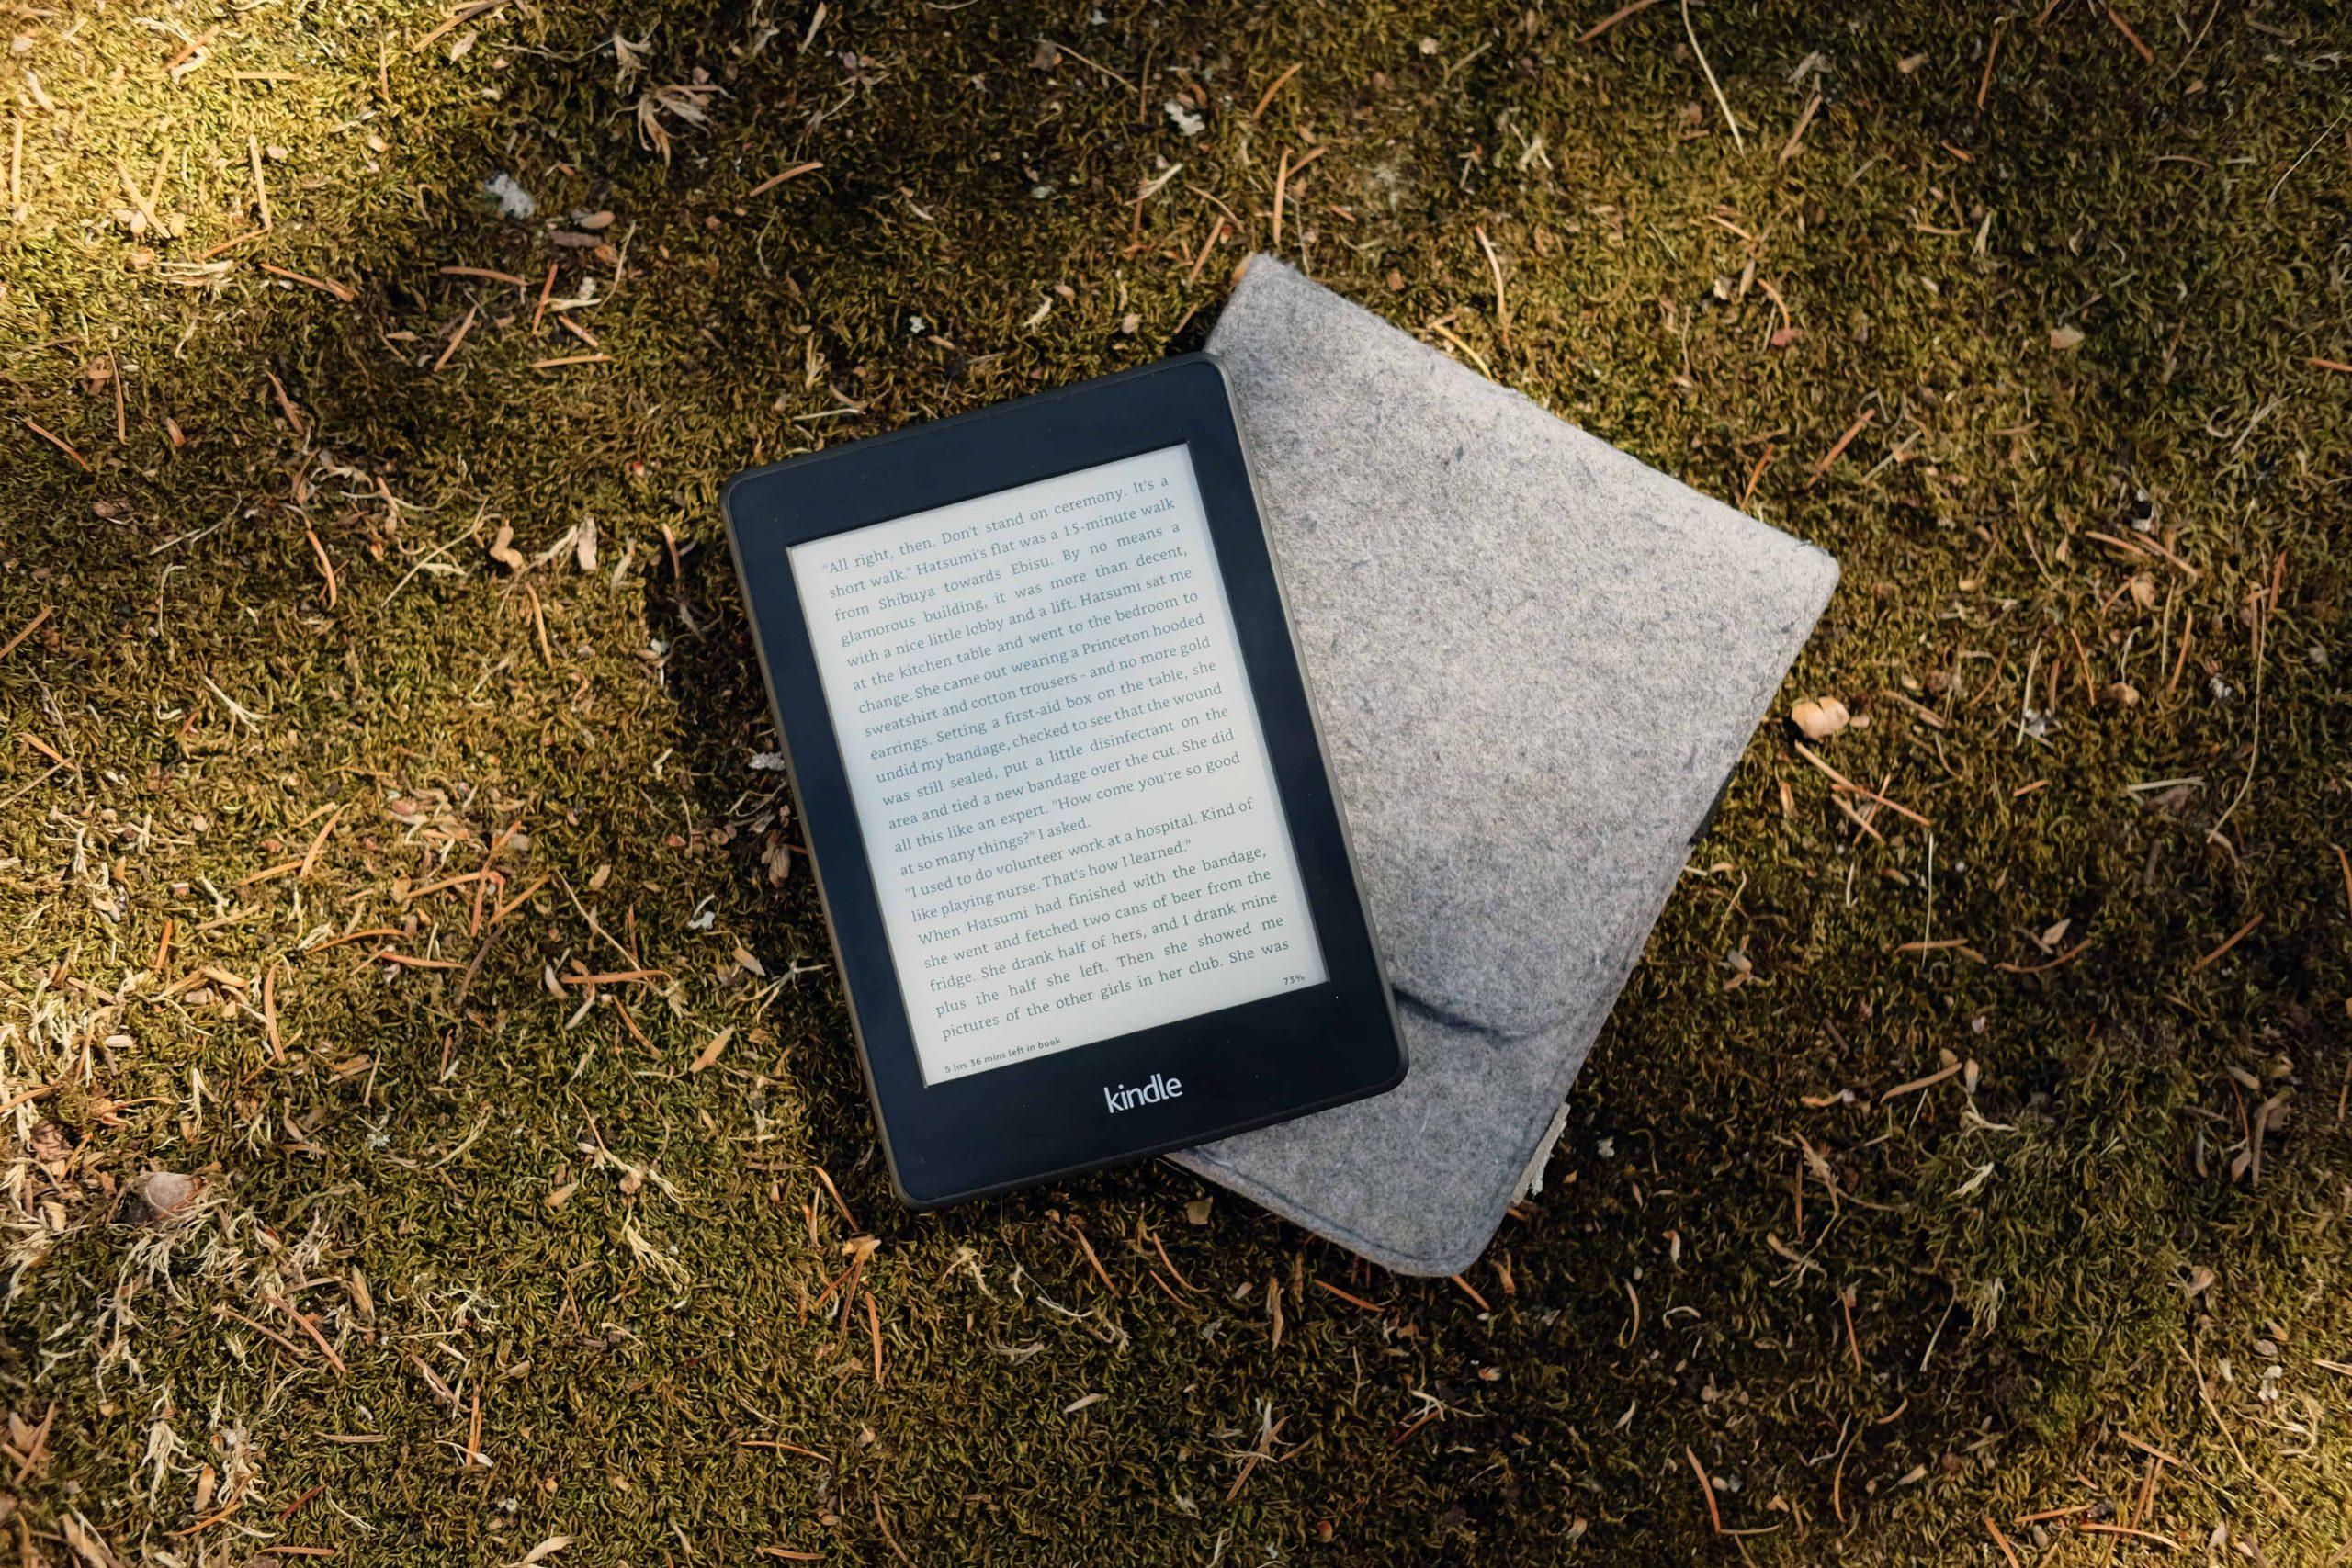 E-Book Reader Hülle: Test & Empfehlungen (08/20)